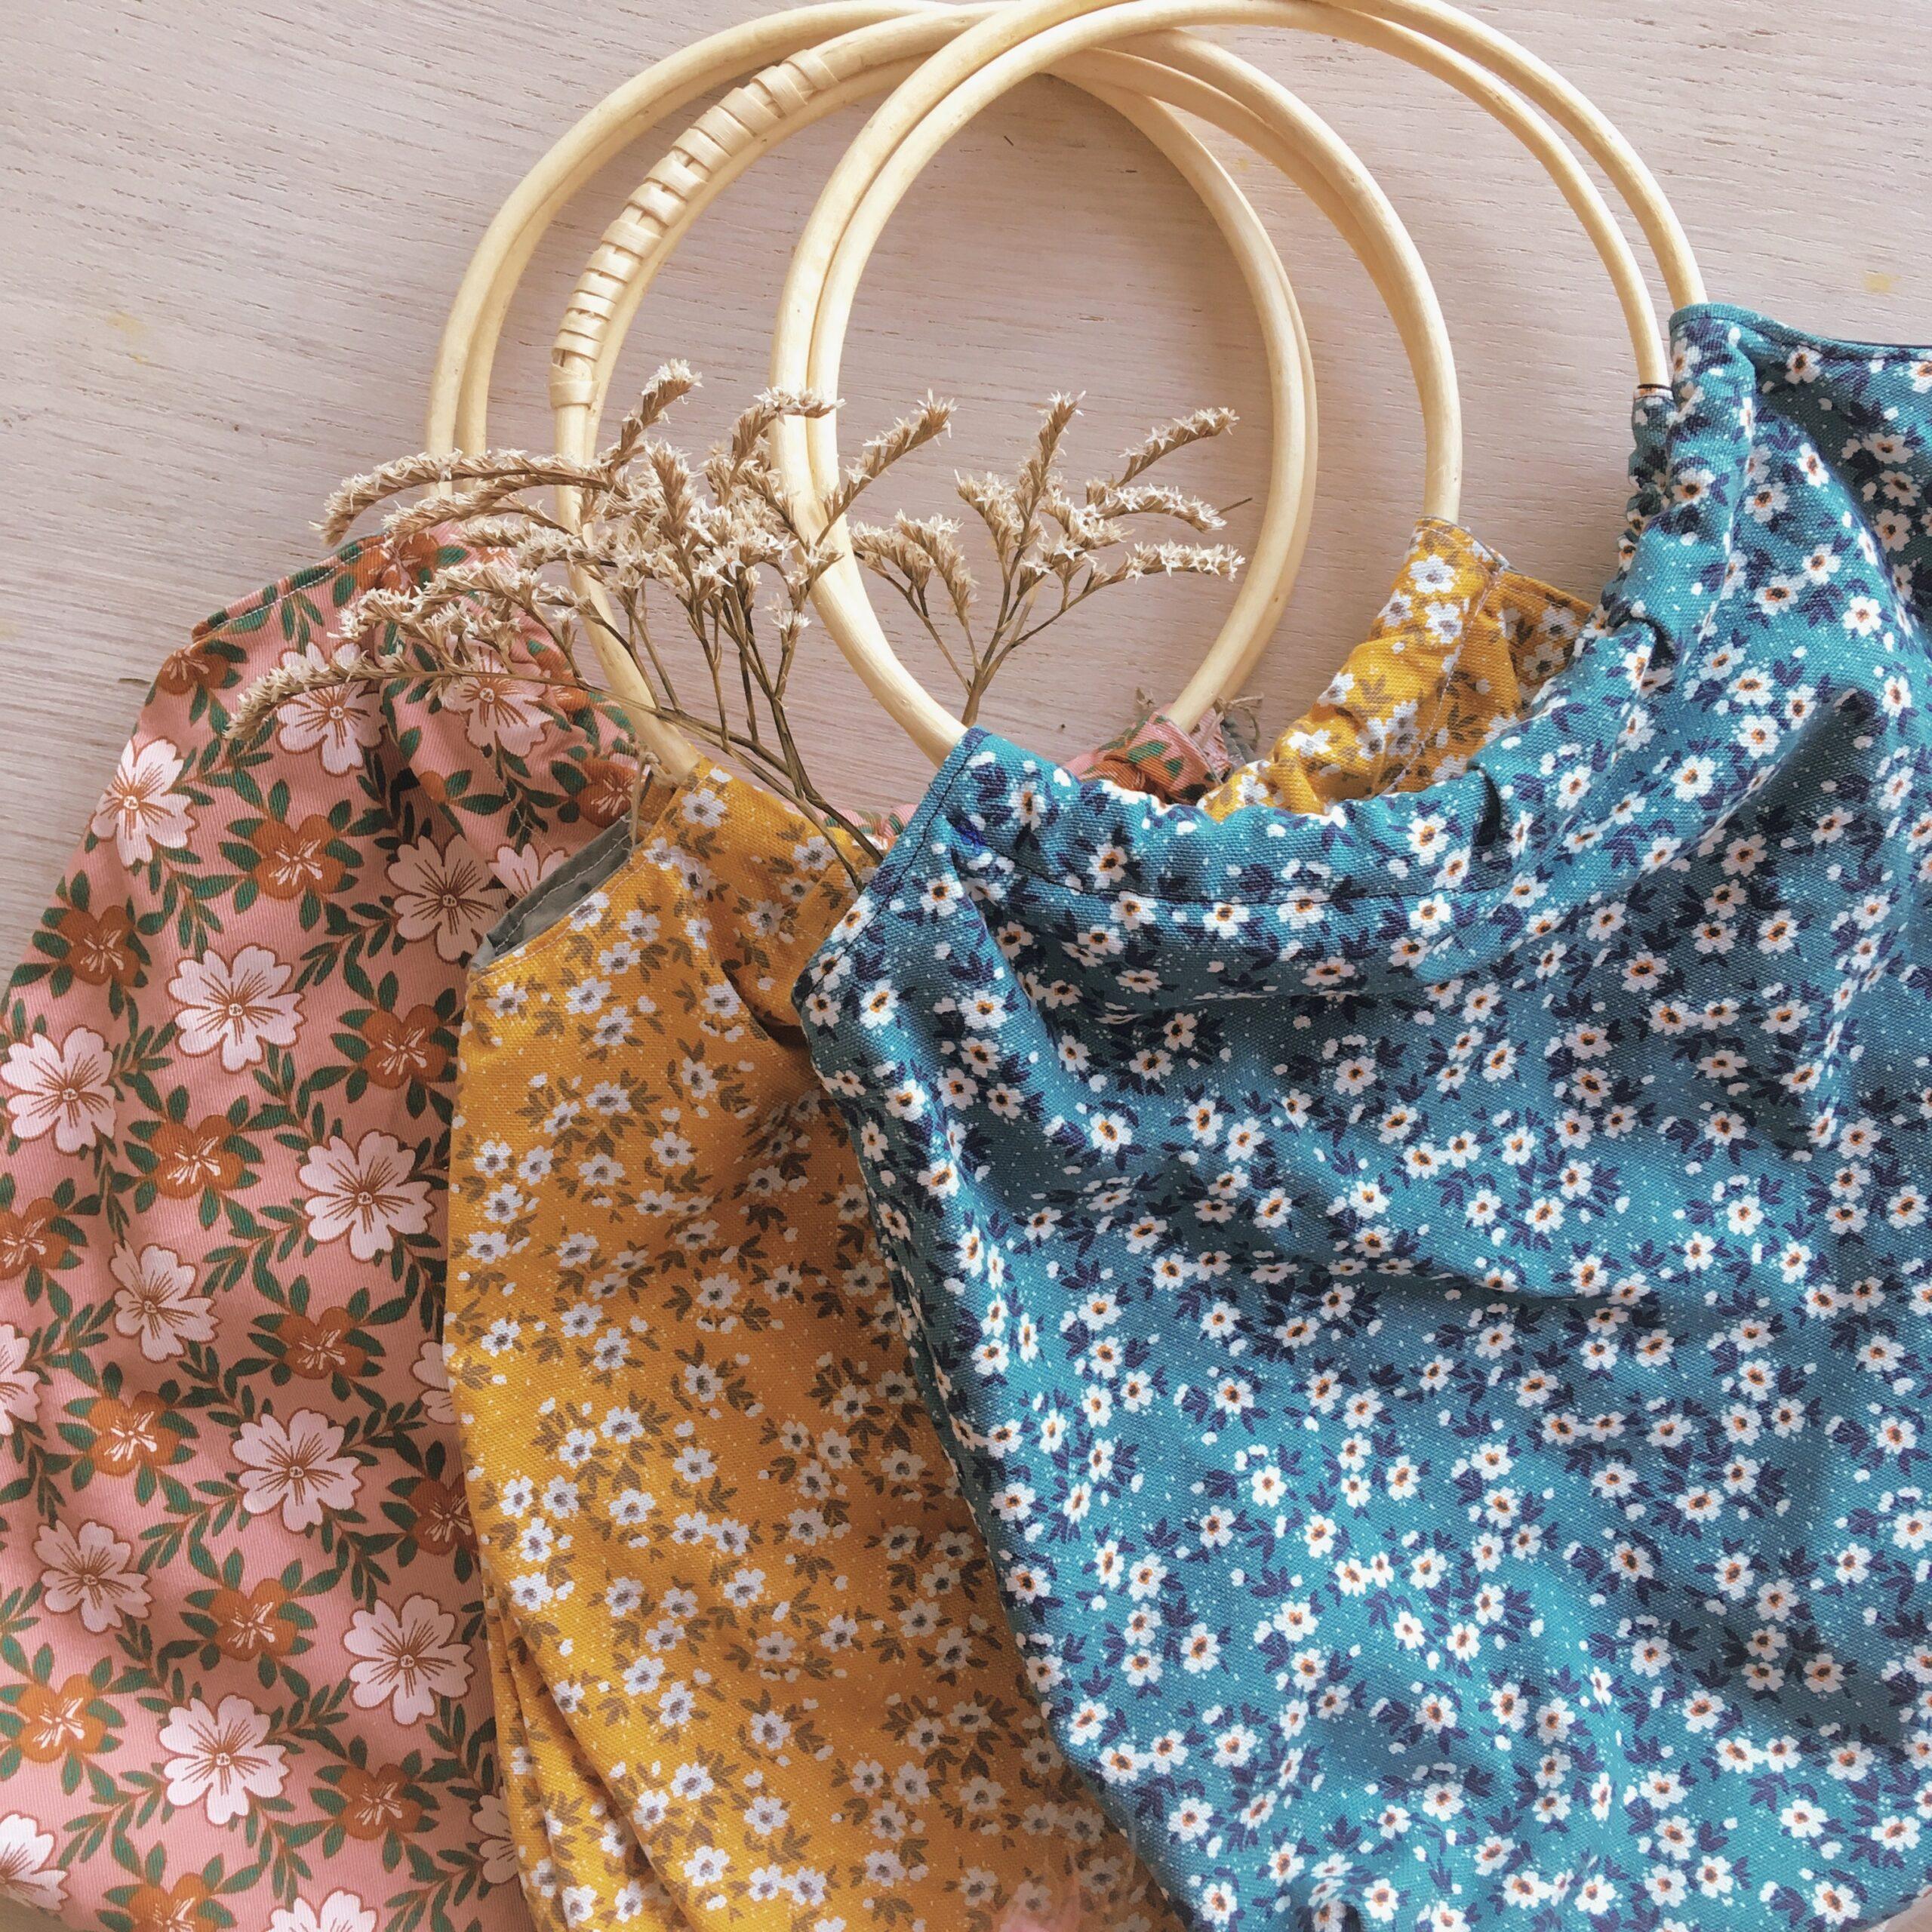 sac-en-tissu-avec-anses-rondes-en-rotin-fabrication-artisanale-francaise-en-coton-epais-imprime-fleuri-du-vent-dans-mes-valises